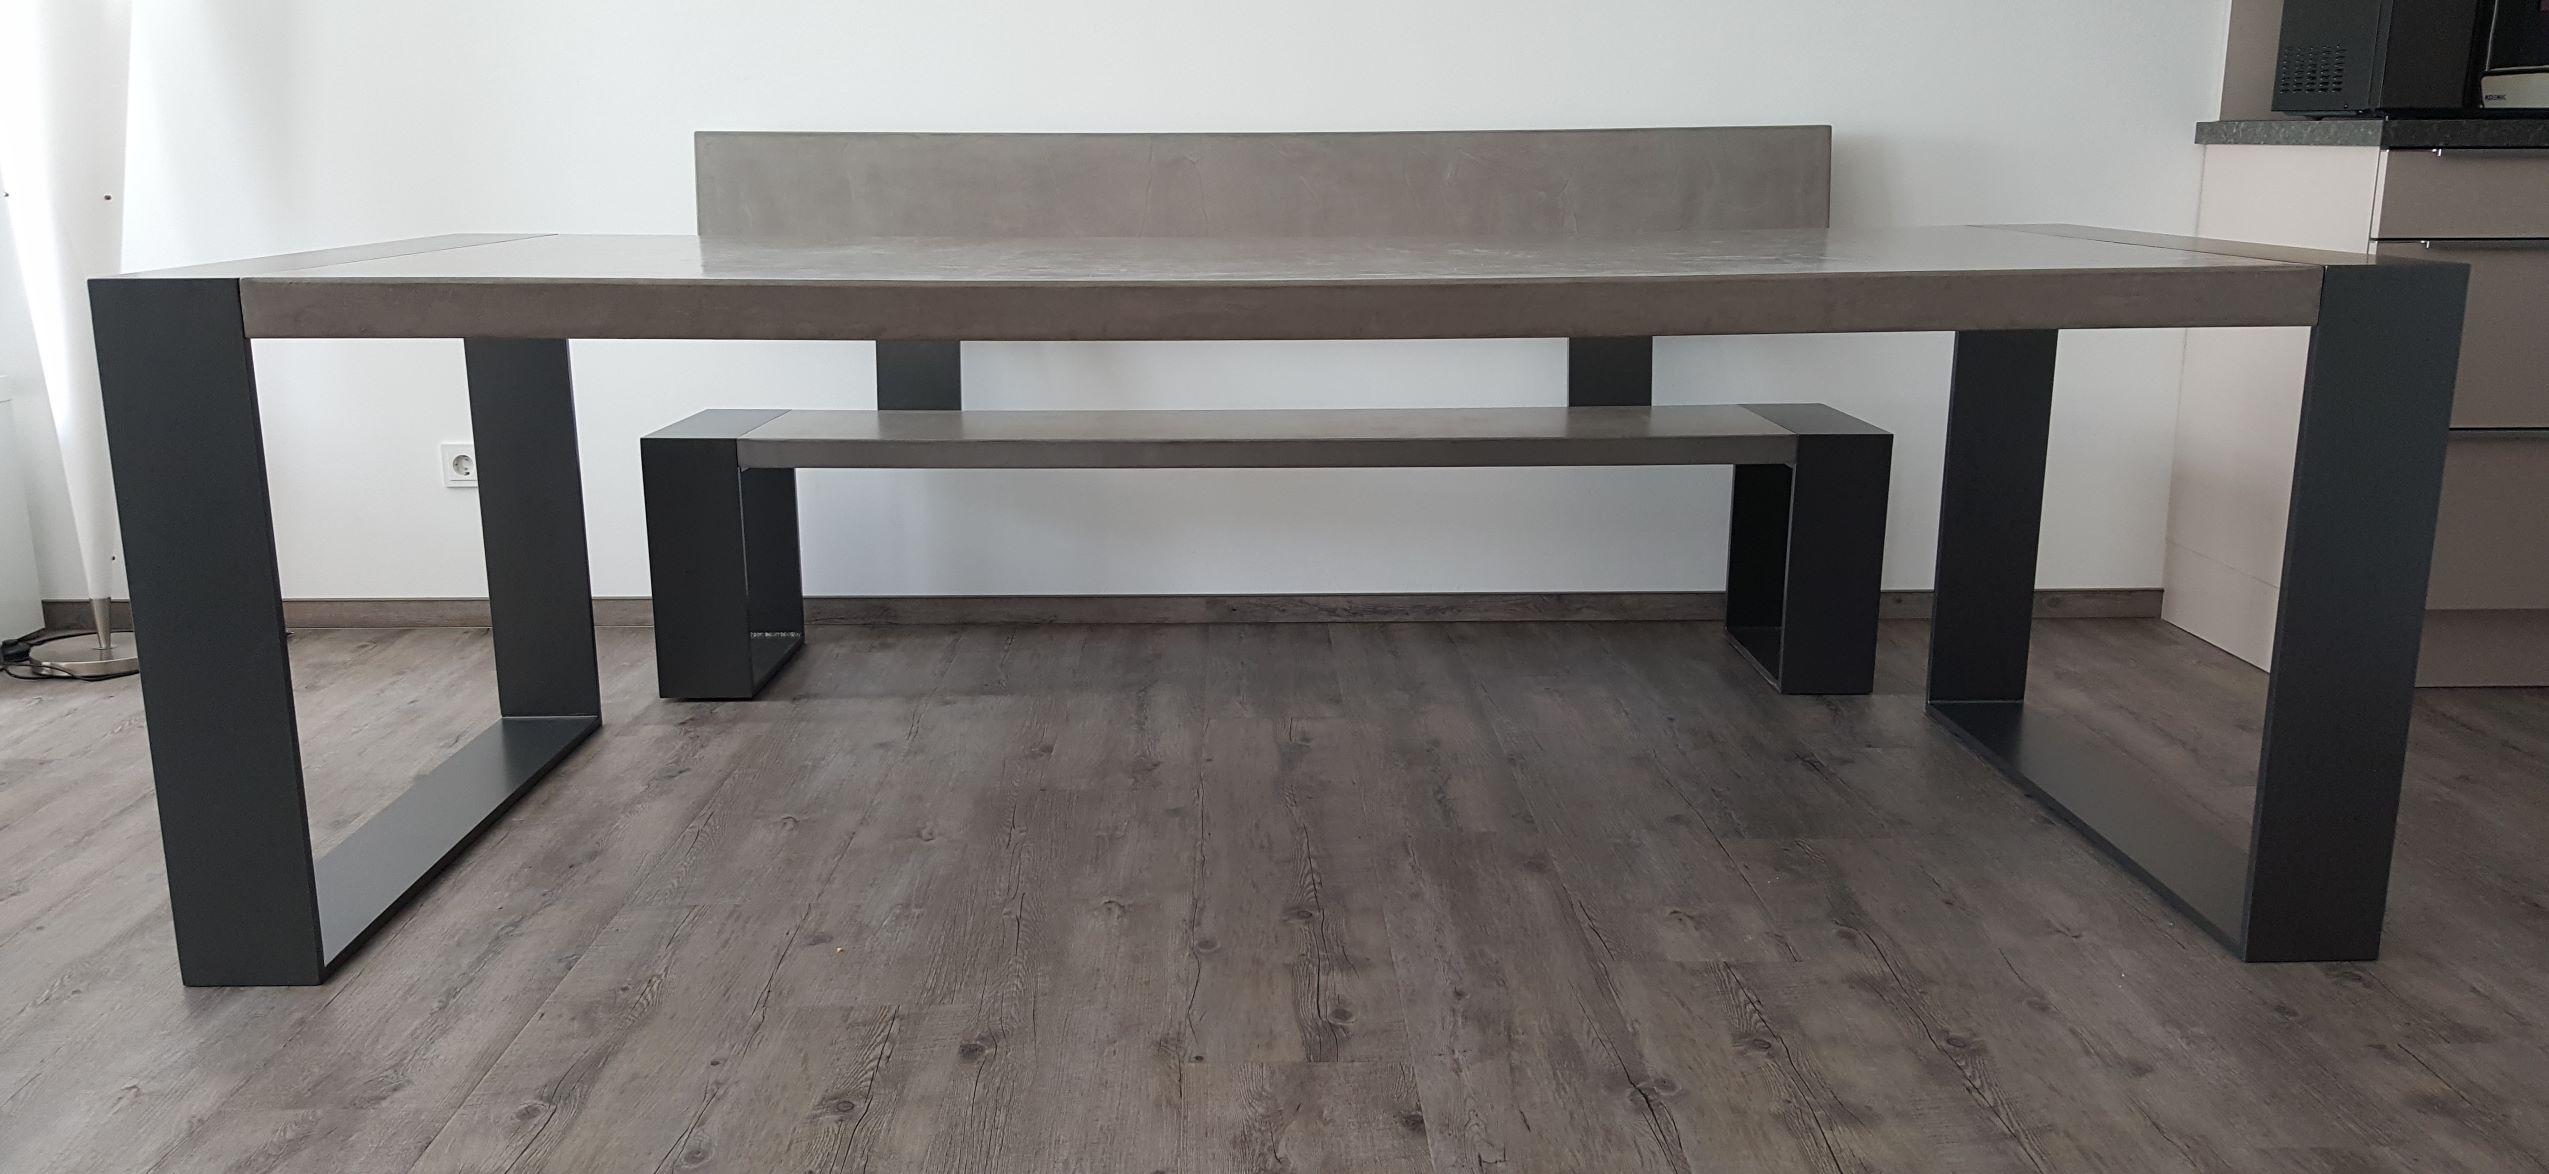 mainTisch Beton Tisch Betontist Sitzbank massTisch